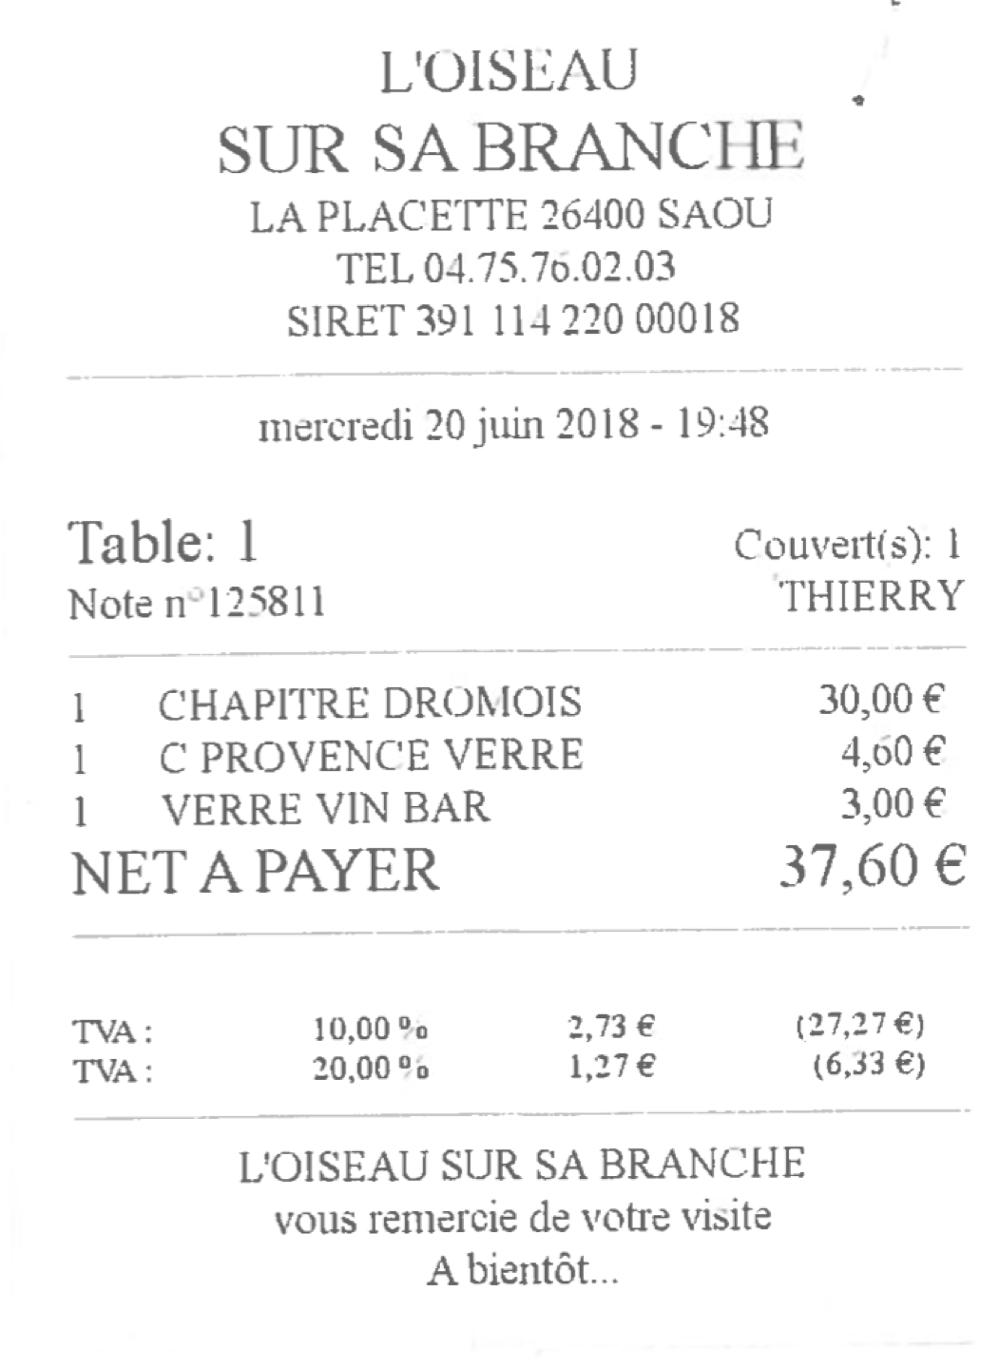 12_44_44_679_26_L_Oiseau_sur_sa_branche.png